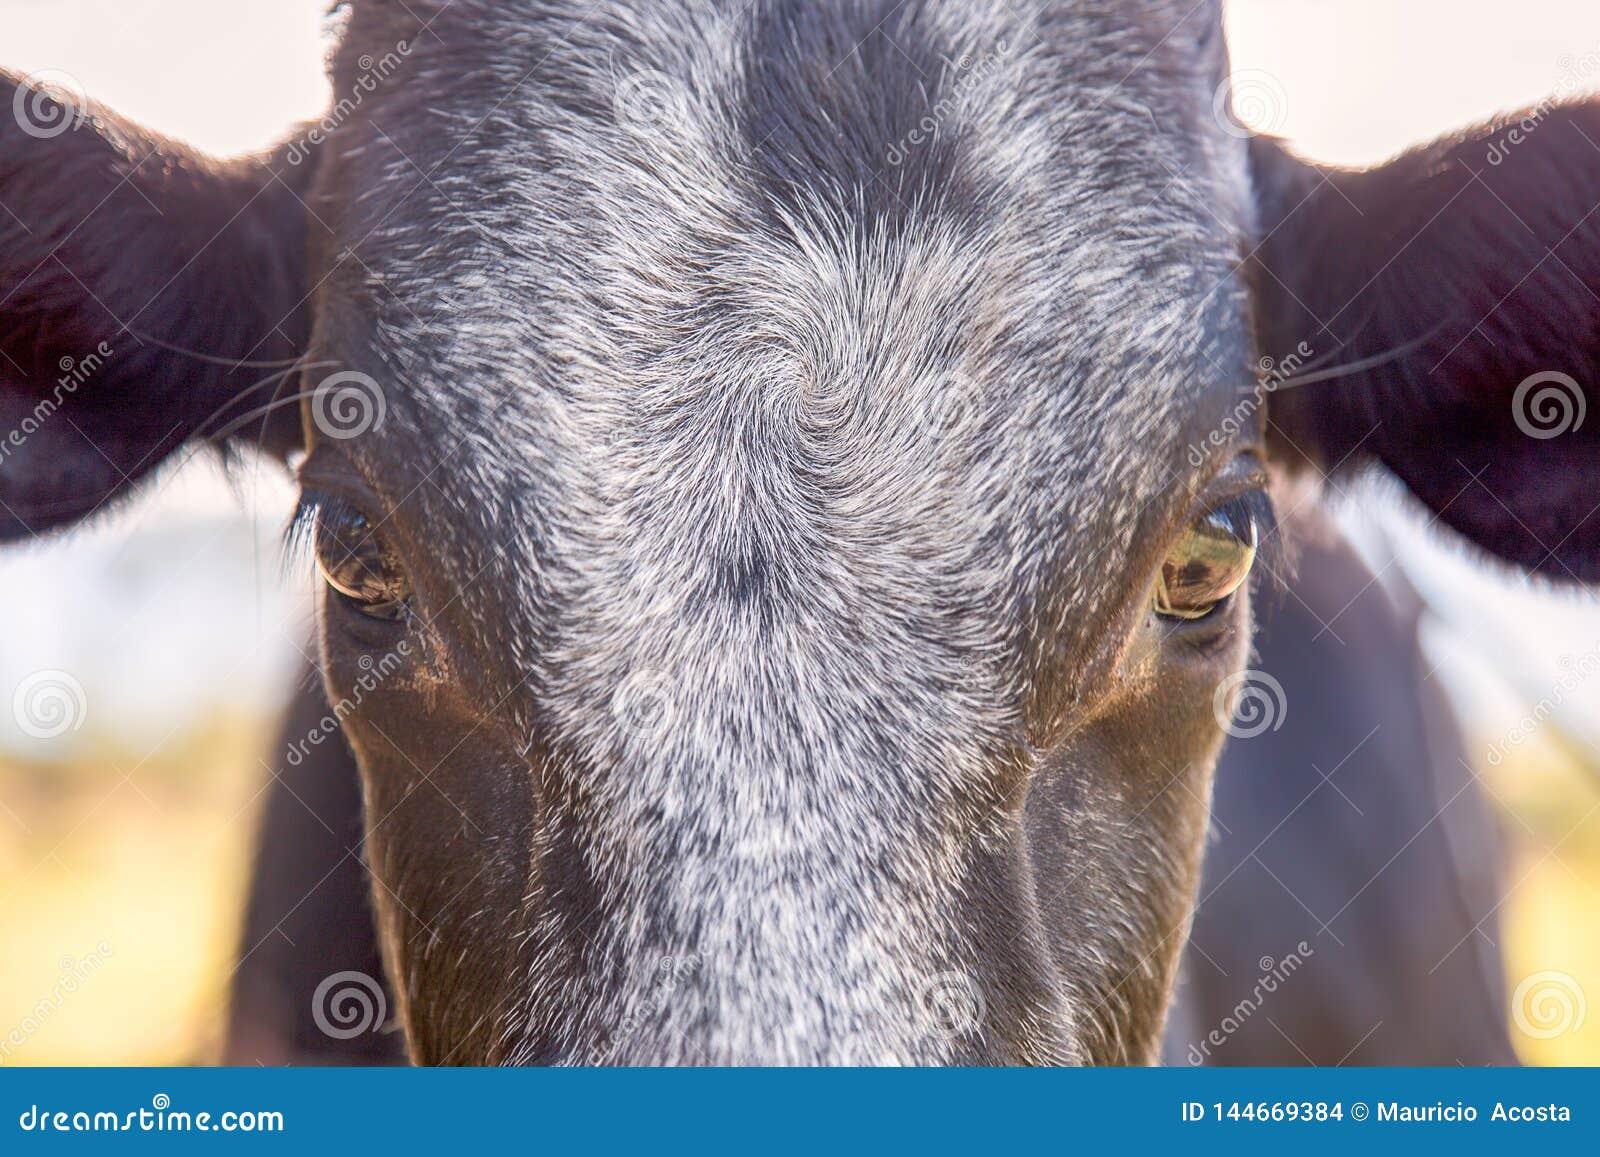 Front of a black calf head